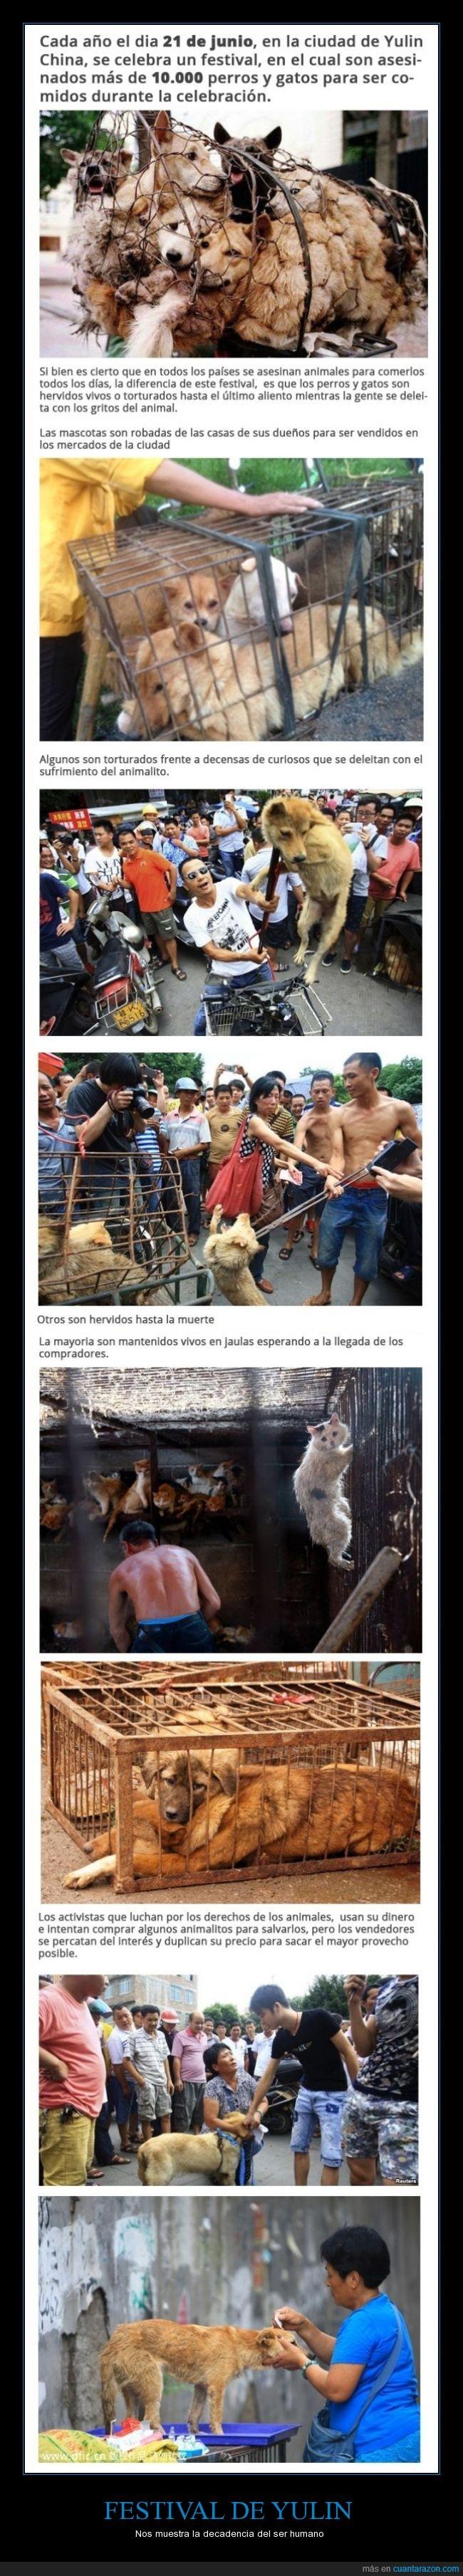 atroz,festival,gatos,masacre,muerte,perros,torturados,yulin